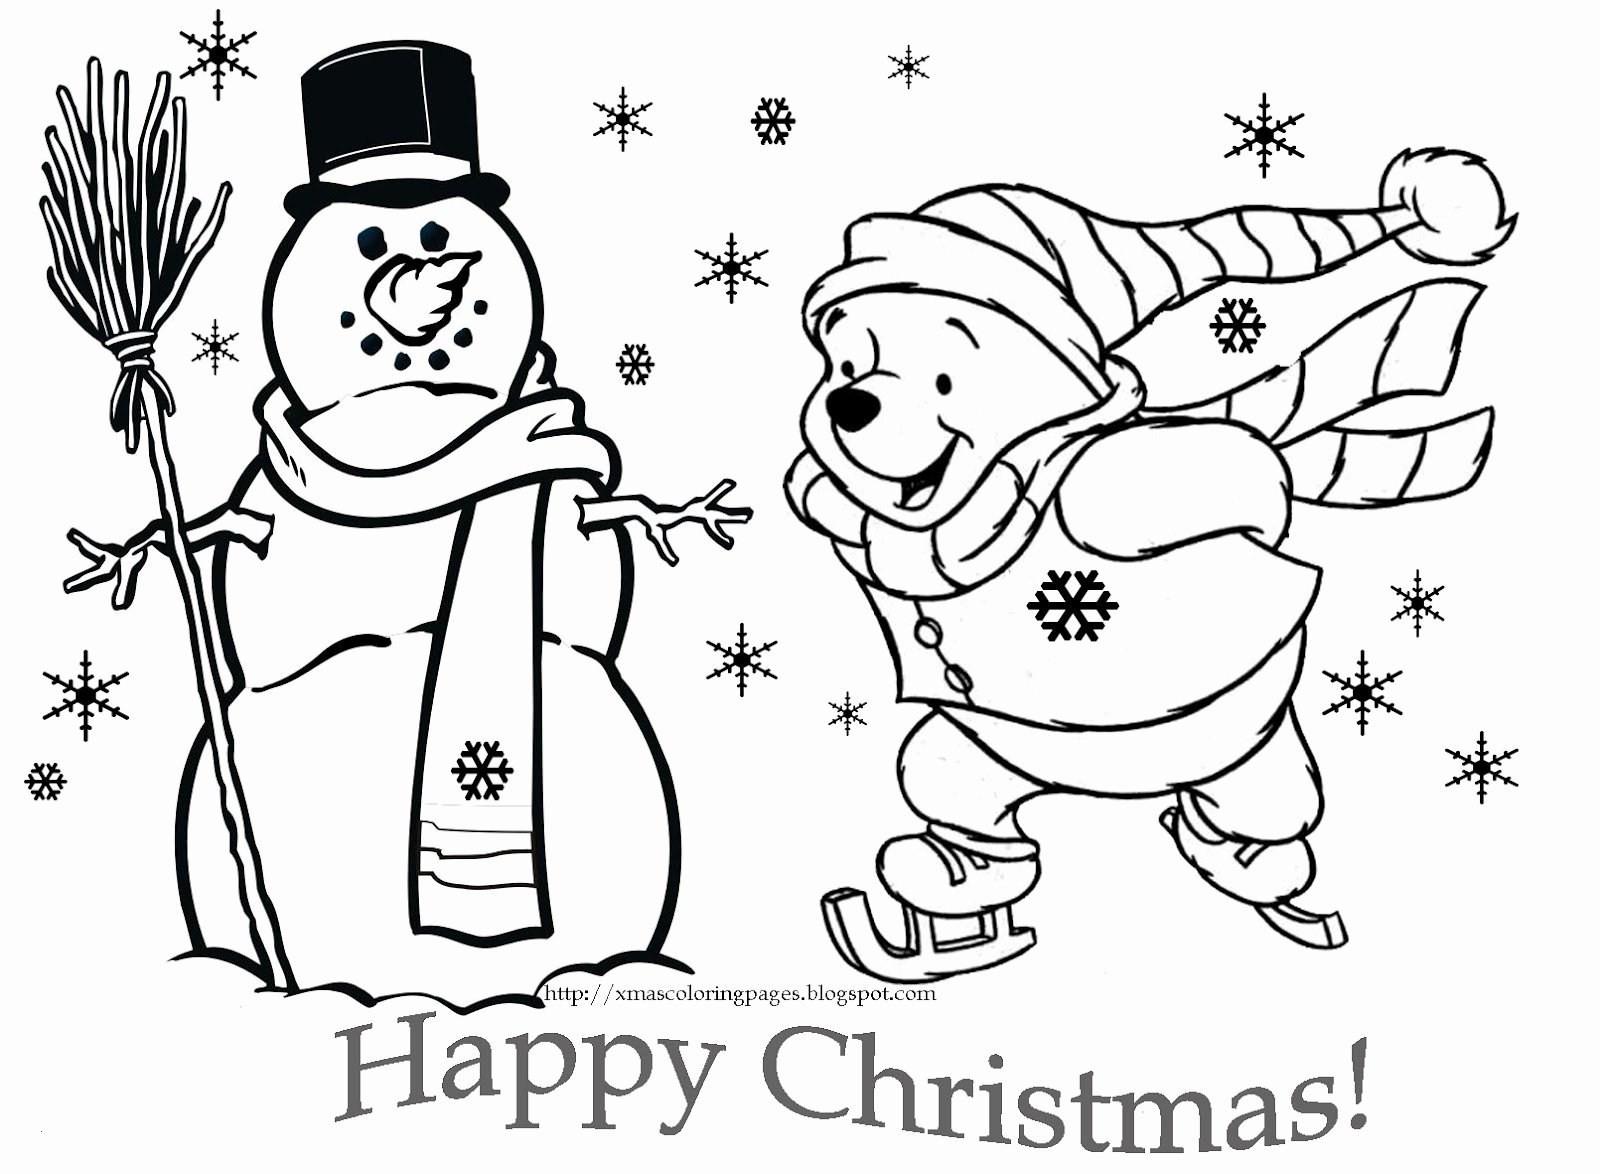 Winni Pooh Ausmalbilder Das Beste Von Ausmalbilder Weihnachten Winnie Pooh Elegant 40 Winni Pooh Sammlung